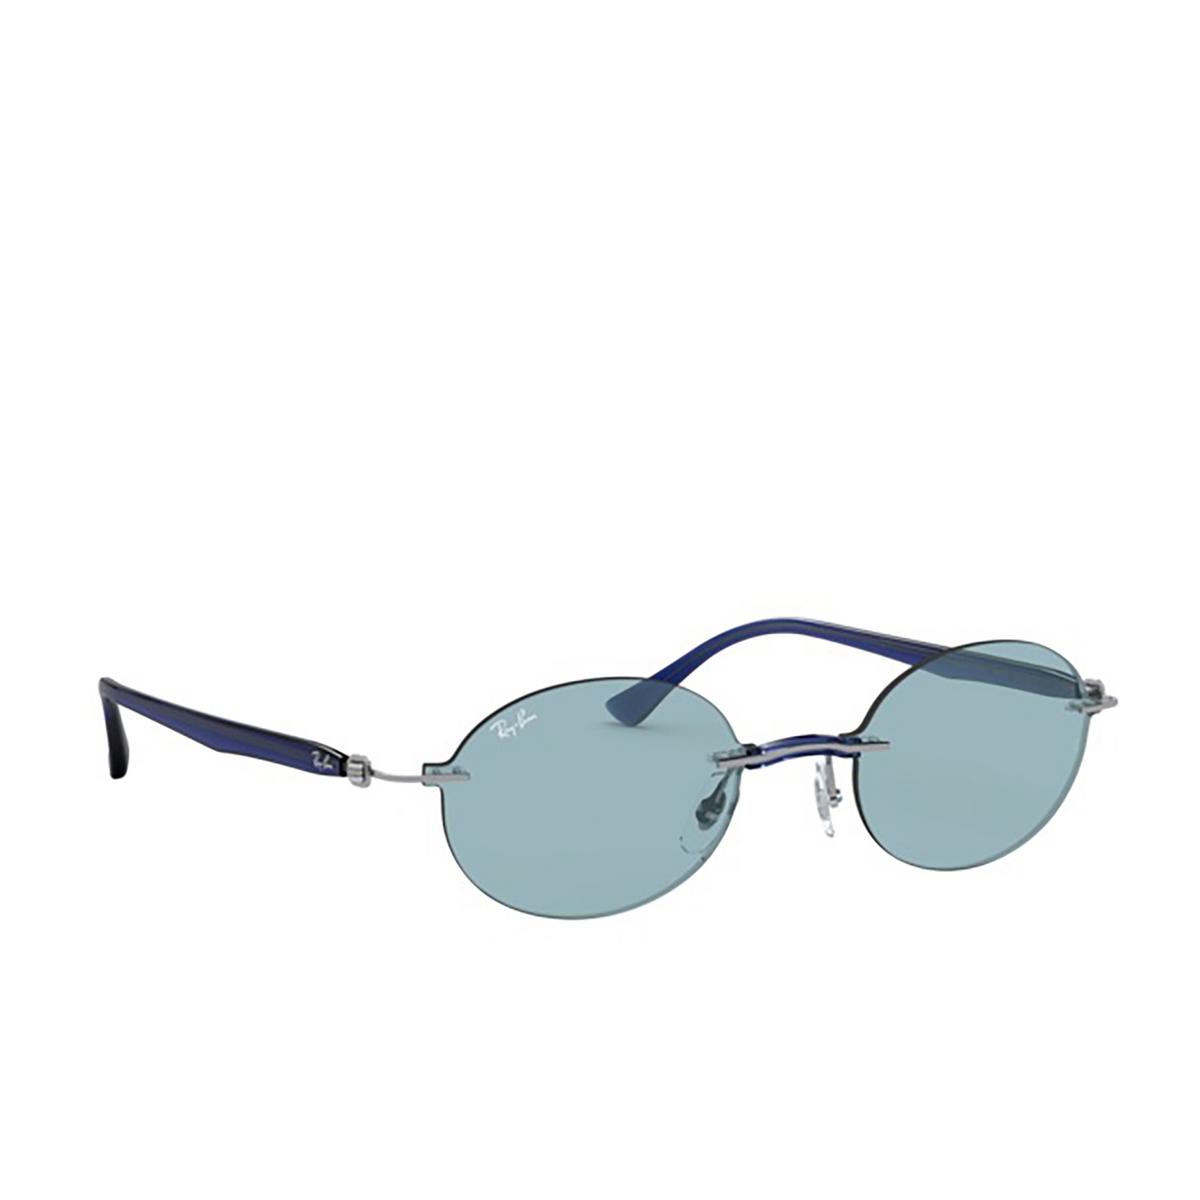 Ray-Ban® Oval Sunglasses: RB8060 color Gunmetal 004/80 - 2/3.